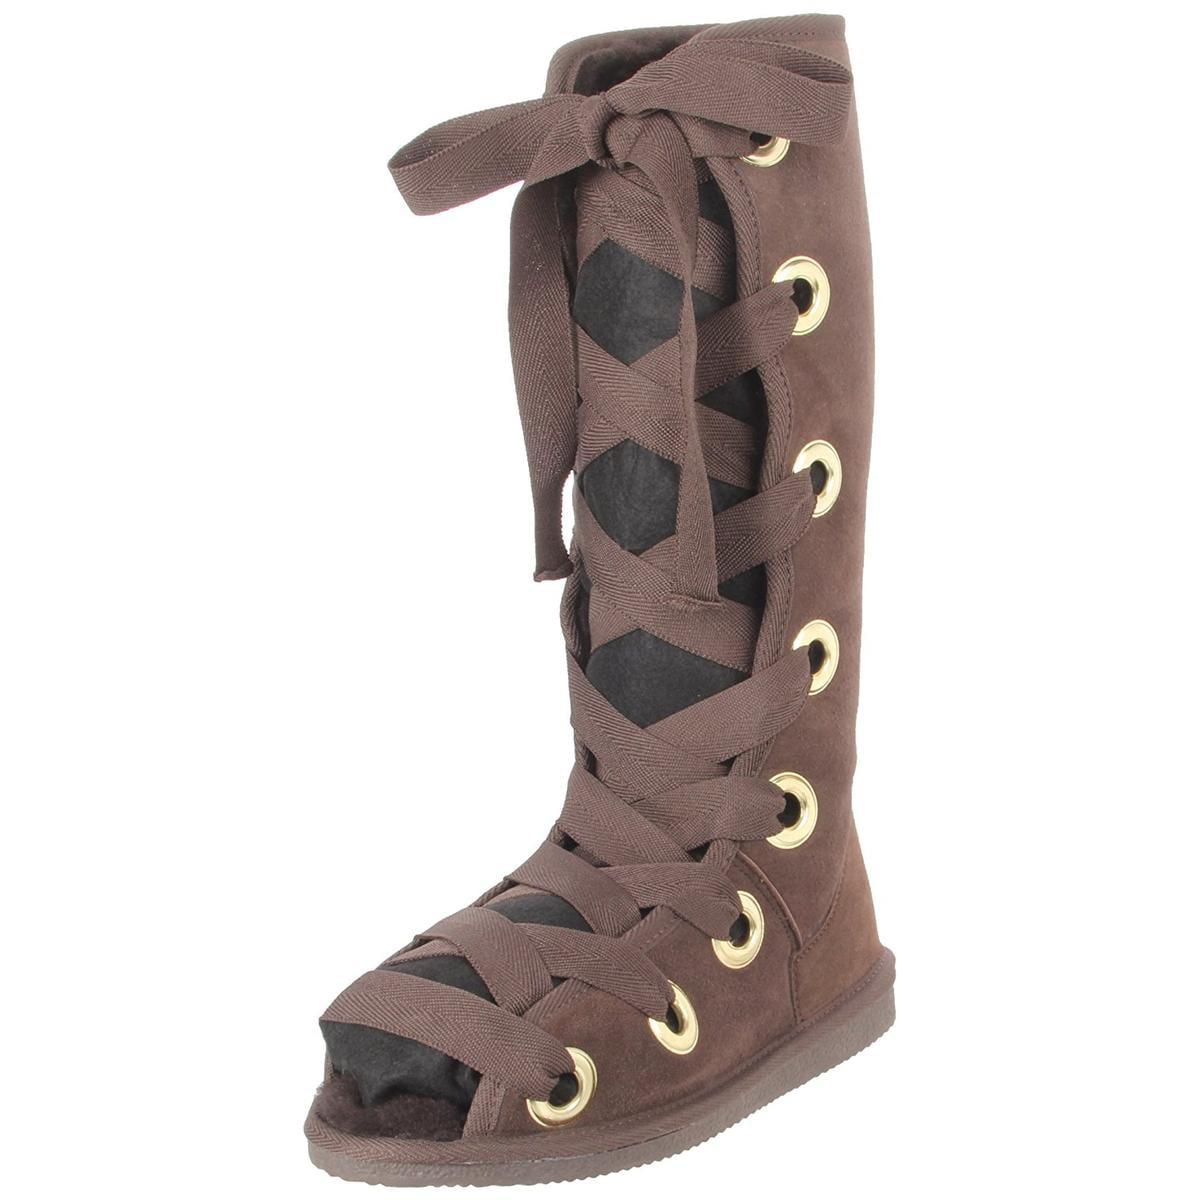 Lamo Edison Womens Chocolate Boots by Lamo